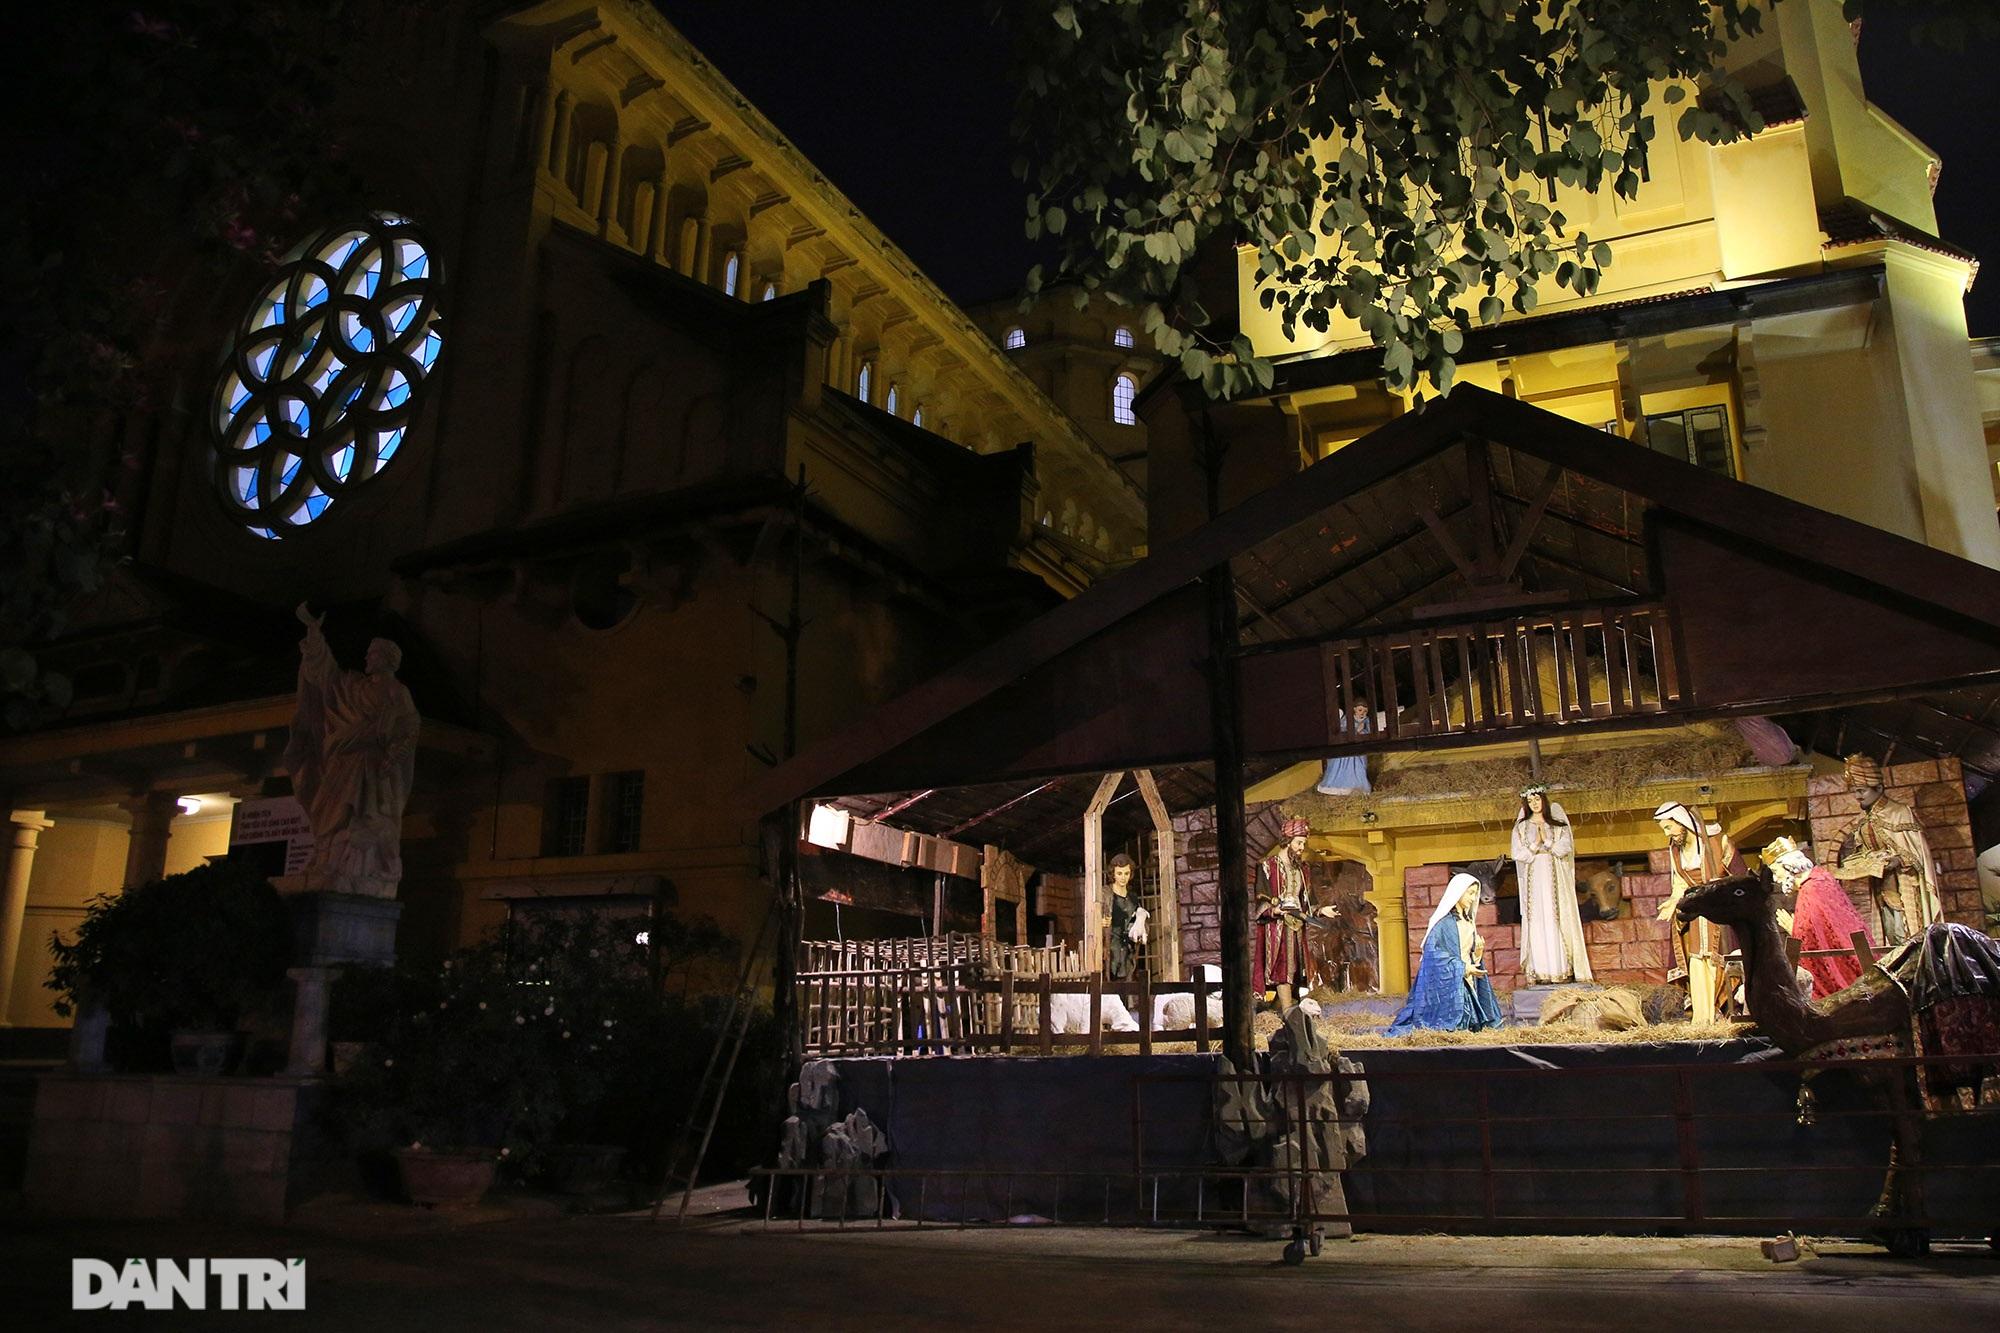 Các nhà thờ tại Hà Nội nhộn nhịp, trang hoàng chờ đón Giáng sinh 2020 - 14